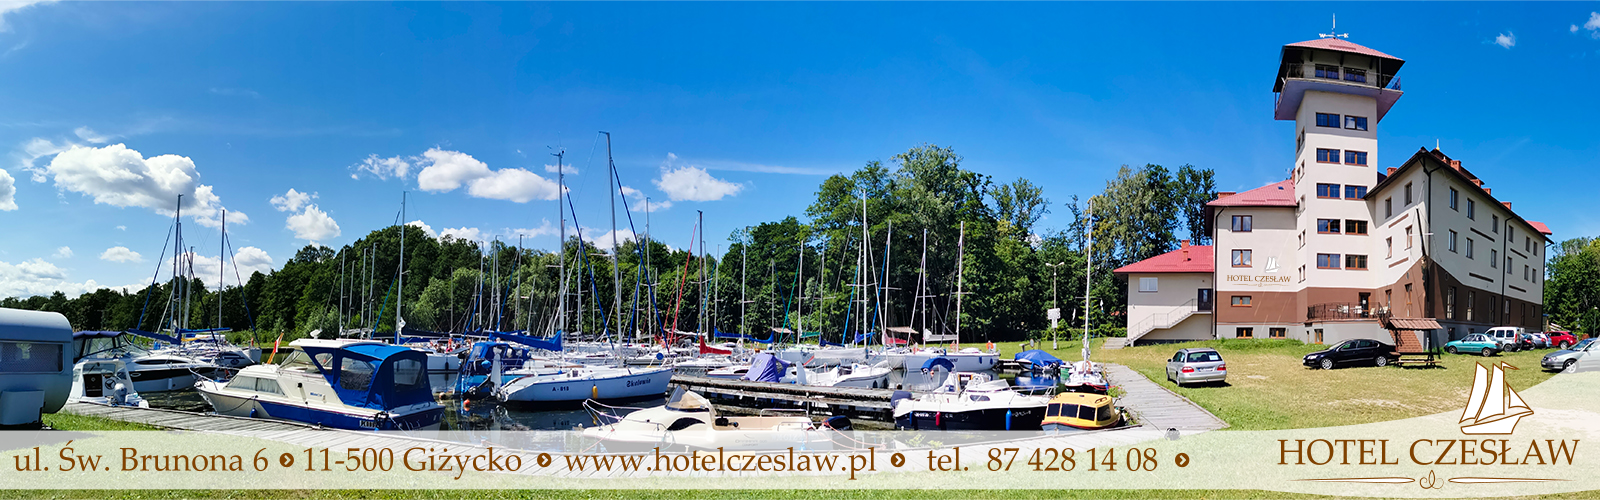 Hotel Czesław, hotele nad jeziorem w Giżycku